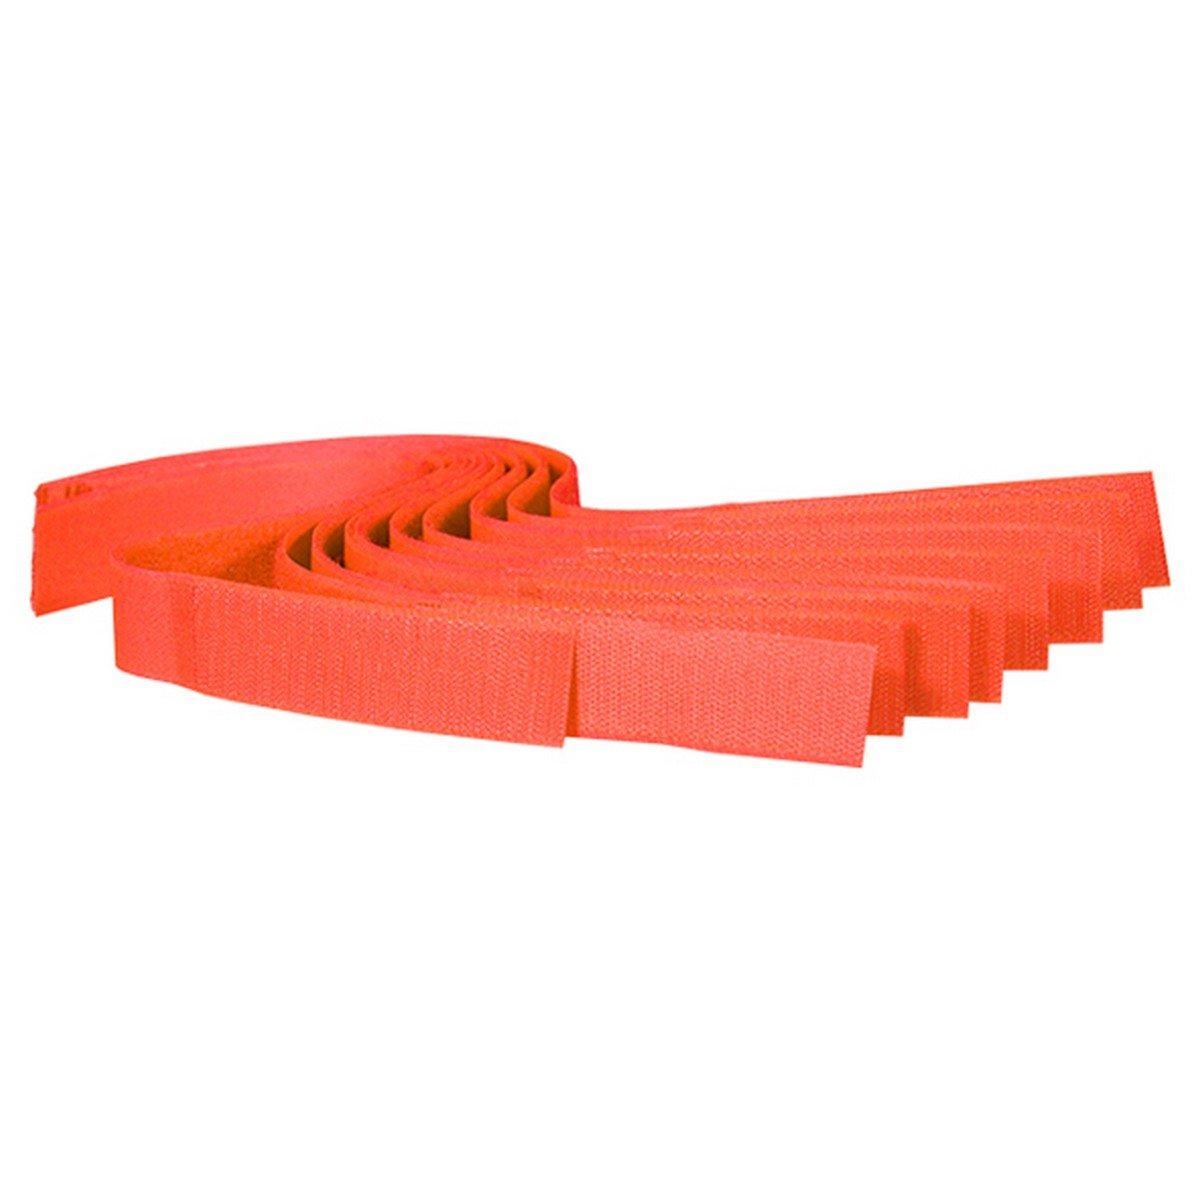 Afbeelding van a.s Koeherkenningsbandjes Velcro Oranje